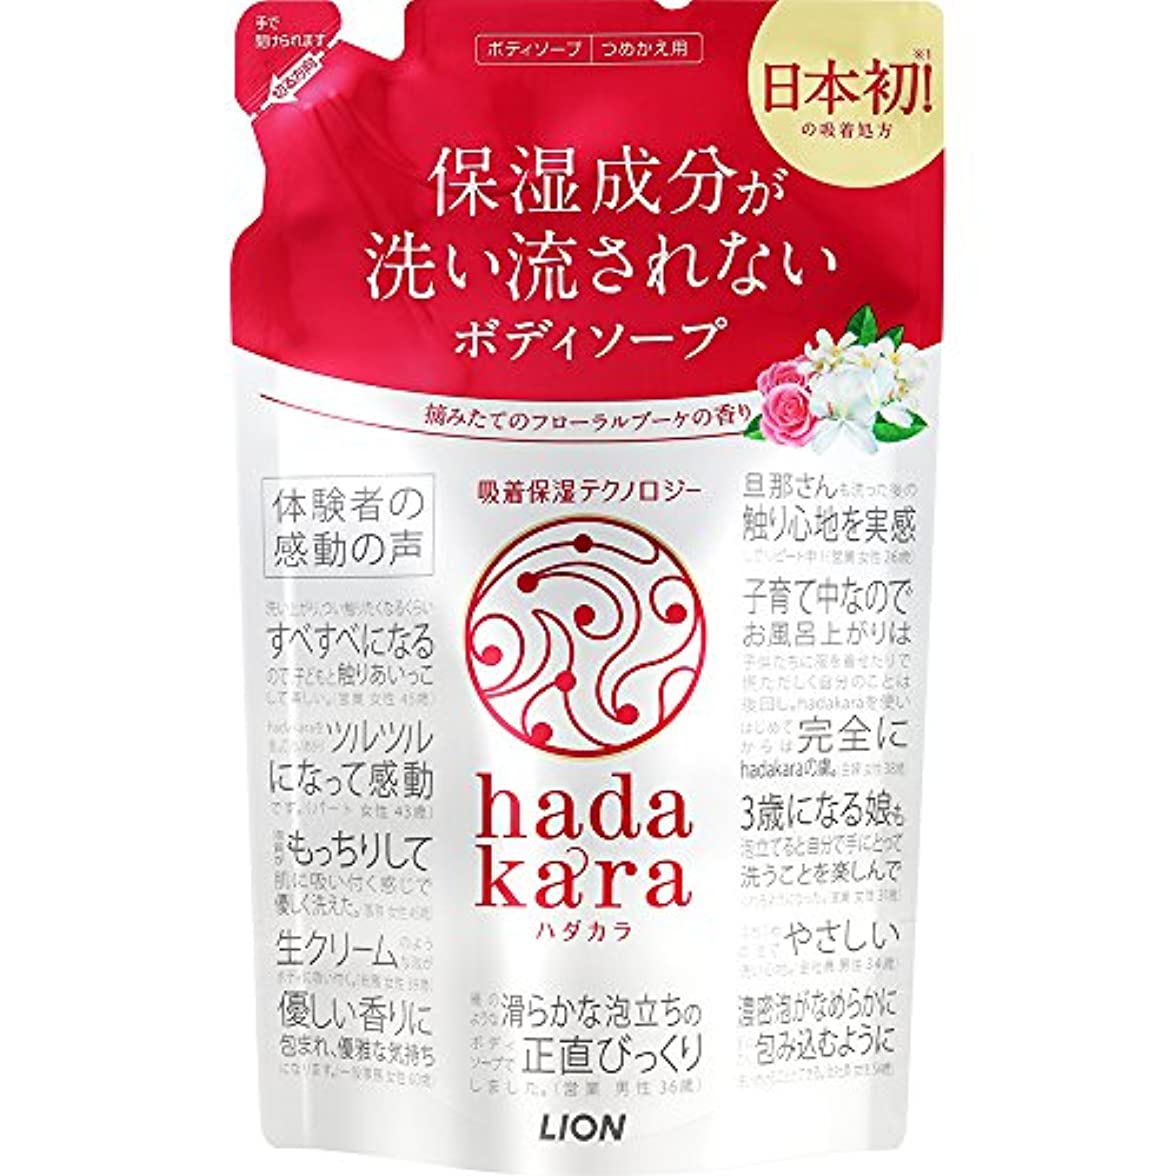 熟読するタンザニアラショナルhadakara(ハダカラ) ボディソープ フローラルブーケの香り 詰め替え 360ml